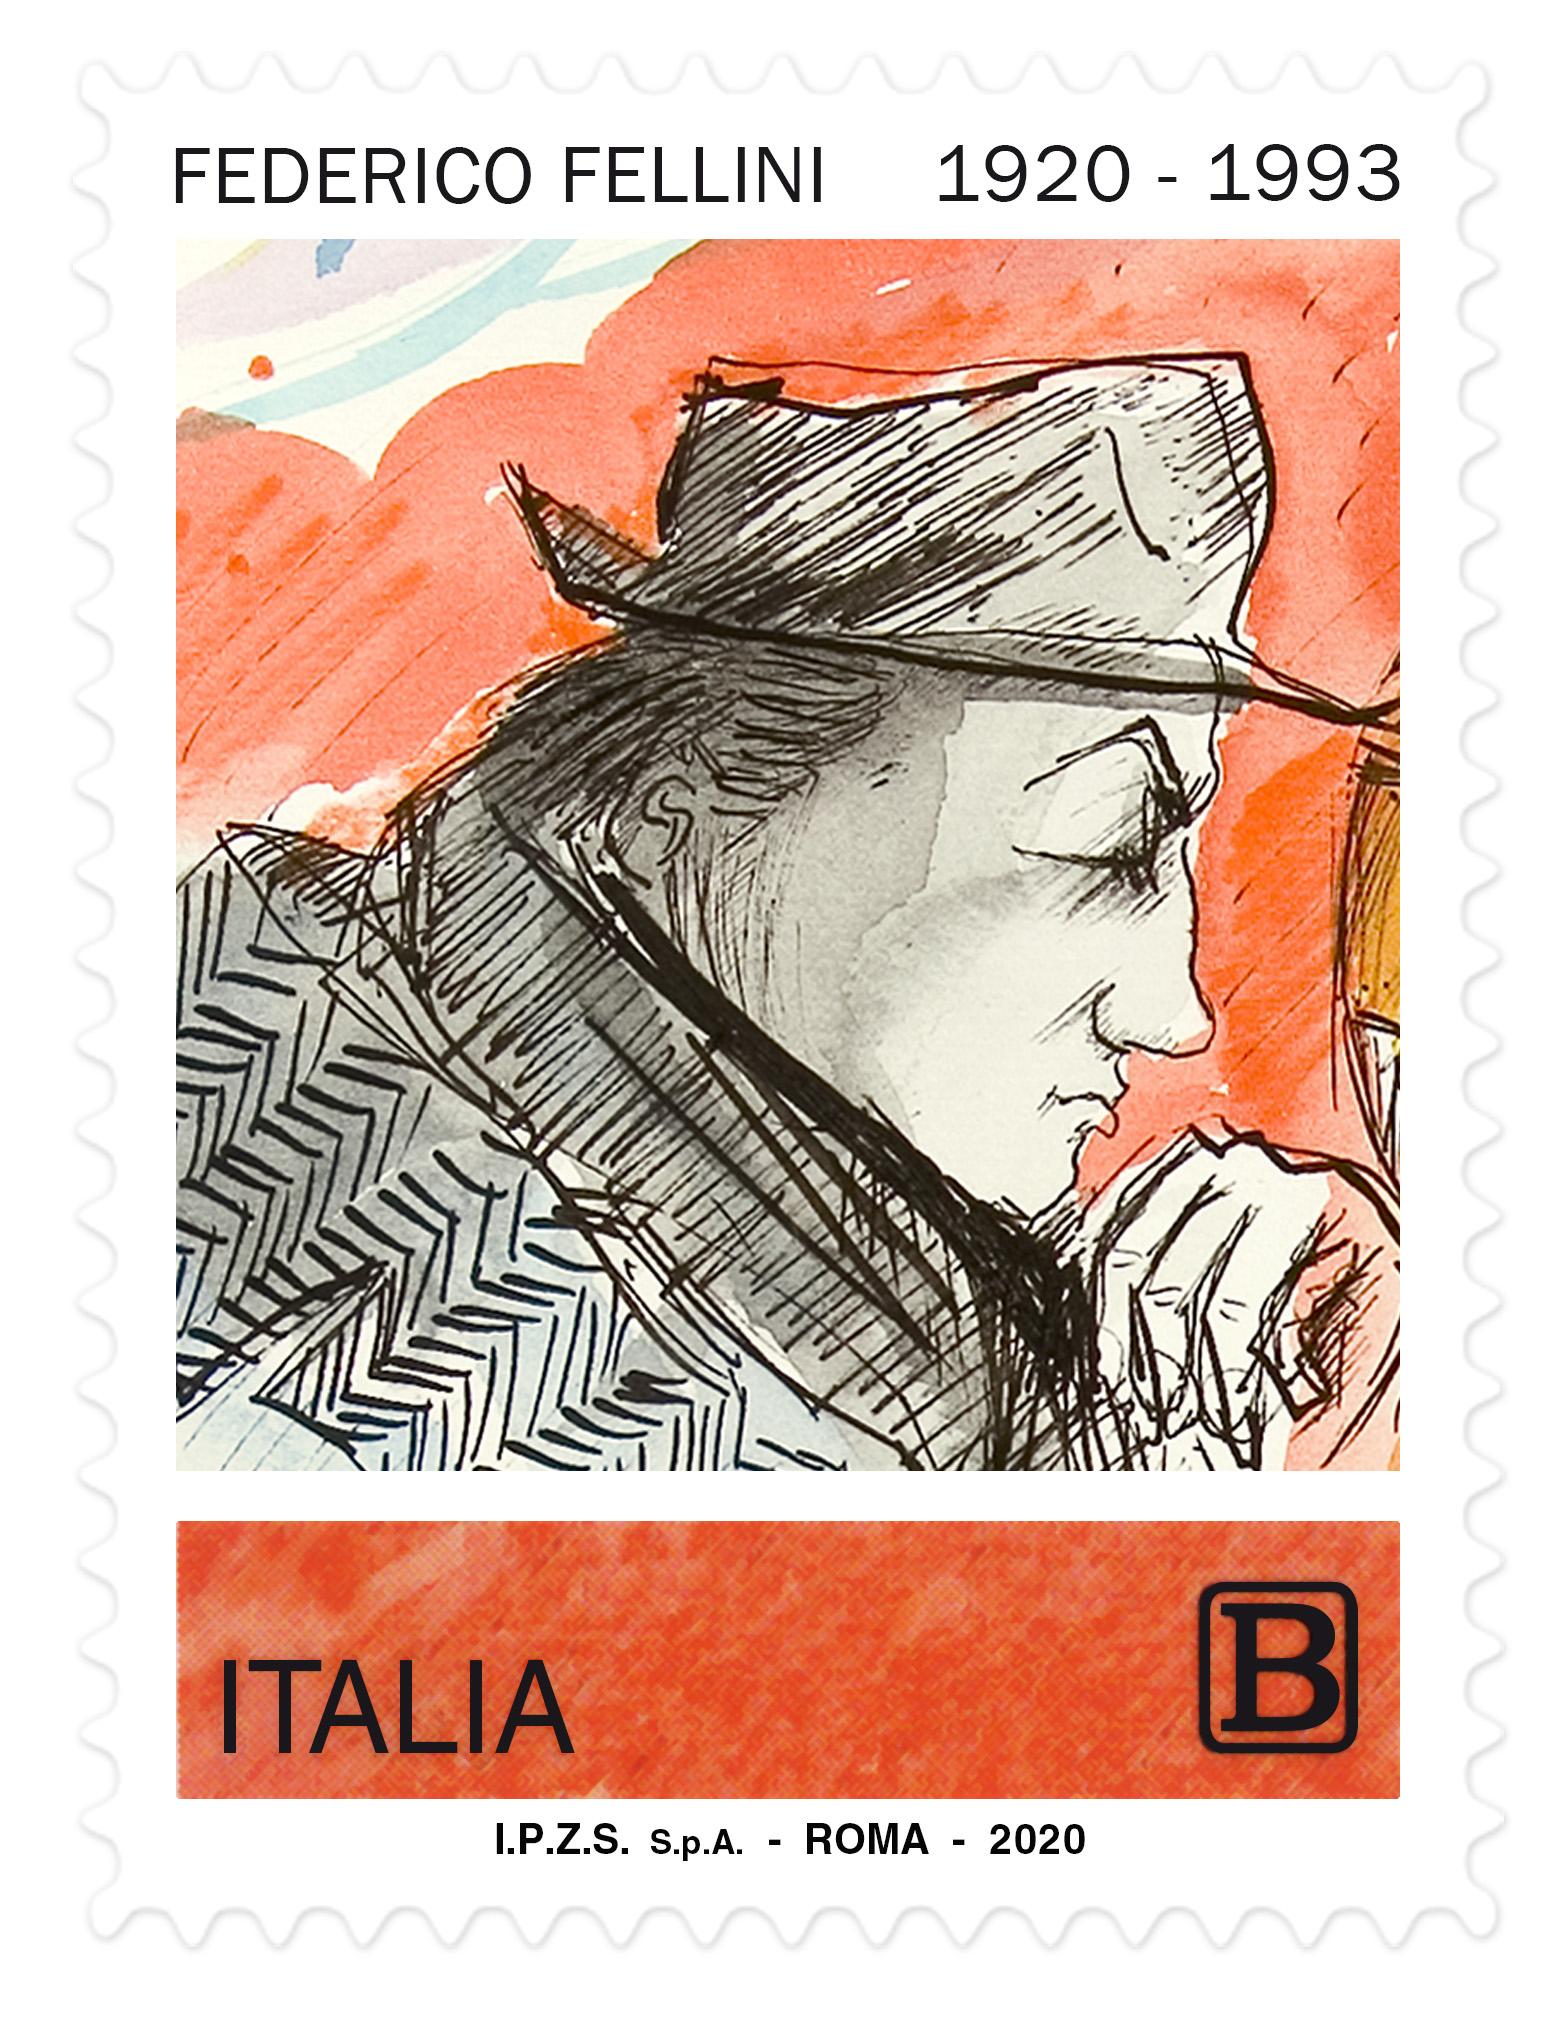 Il francobollo con l'autoritratto di Federico Fellini in ricordo del secolo della nascita